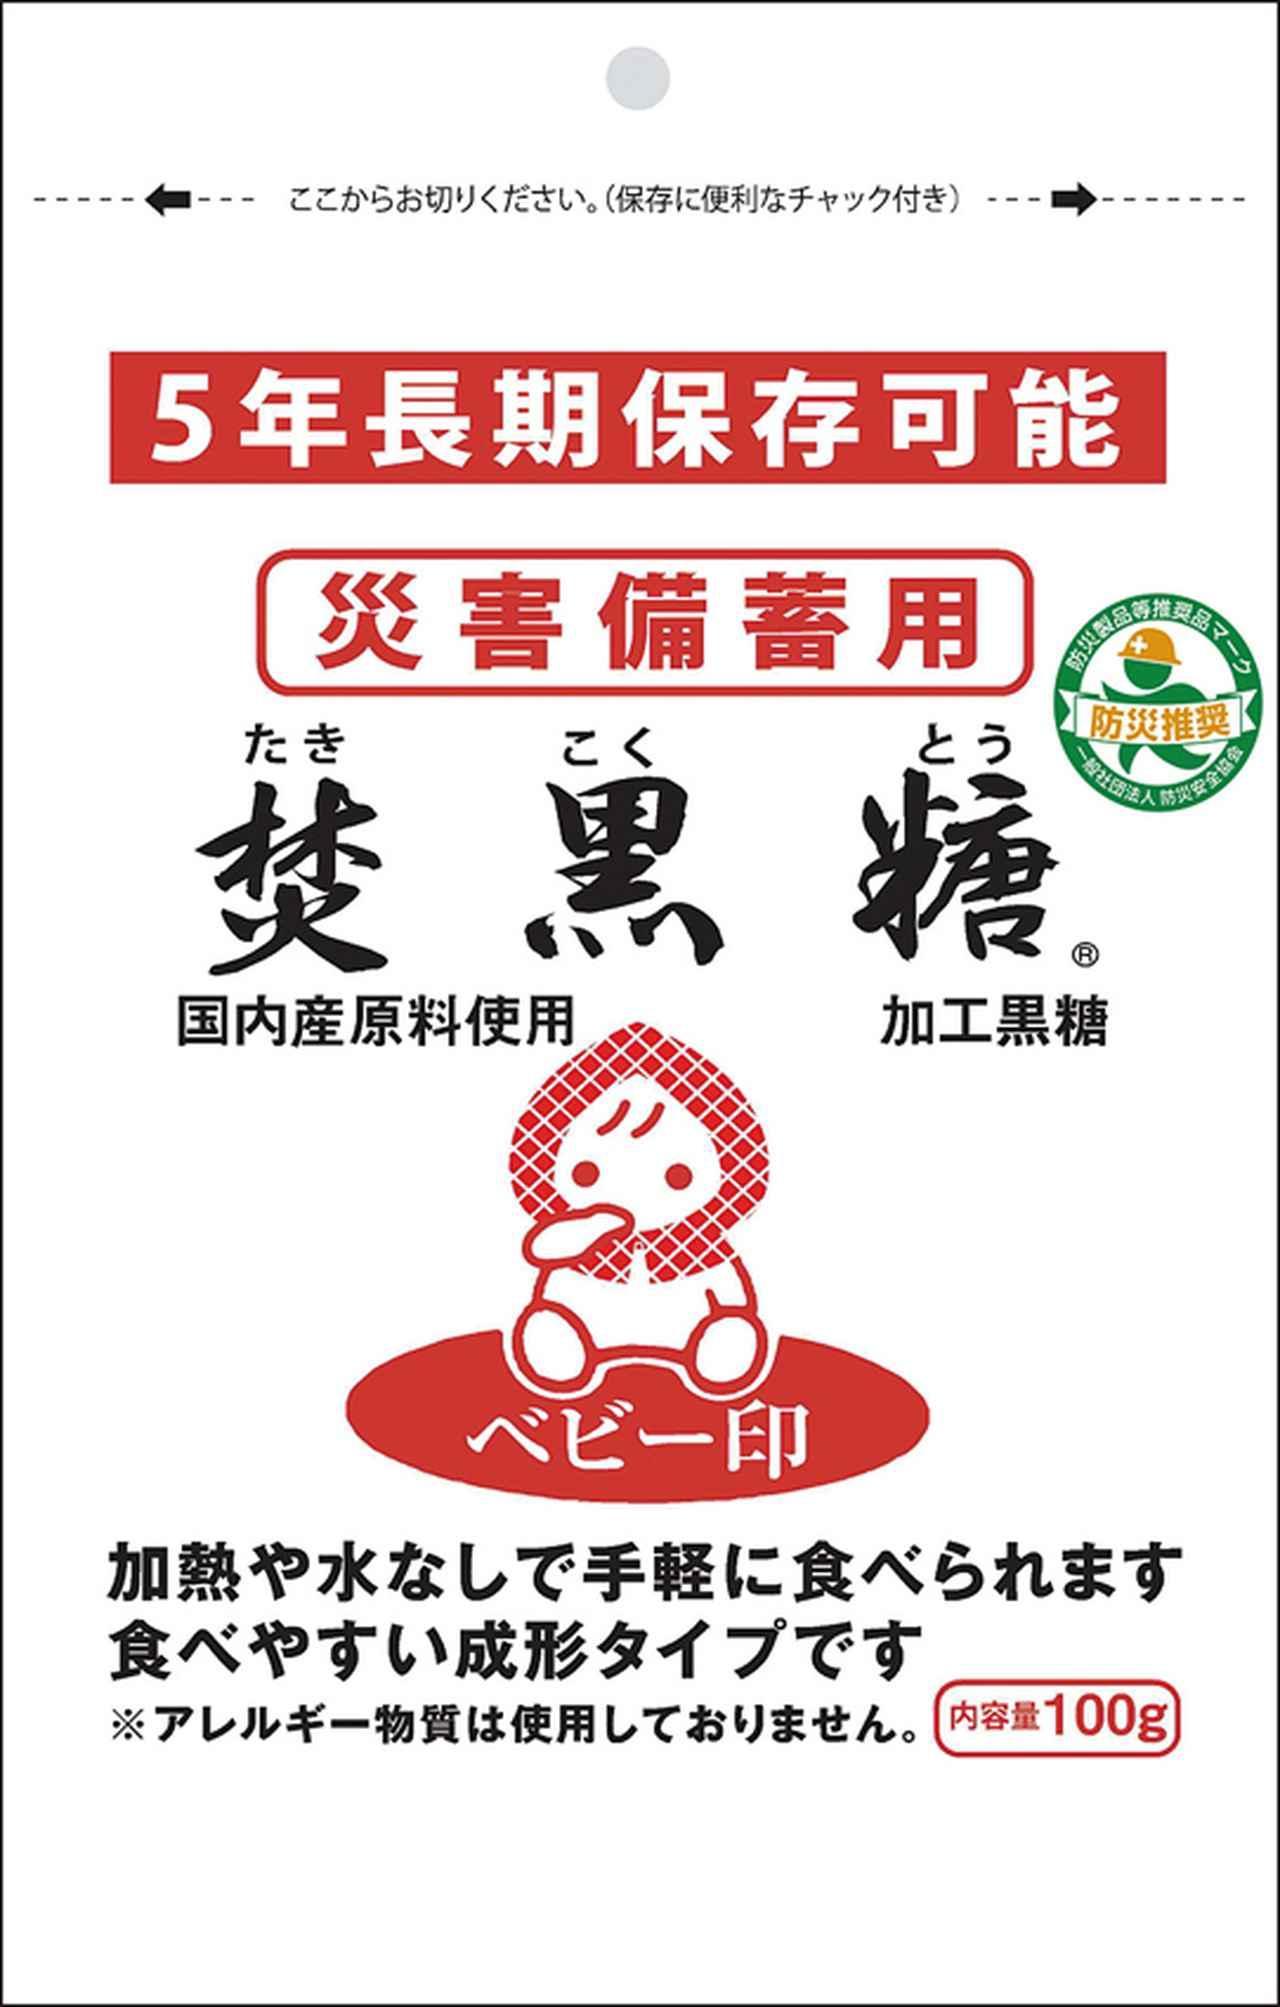 画像: 上野砂糖 焚黒糖(災害備蓄用) 実売価格例●388円(100g)